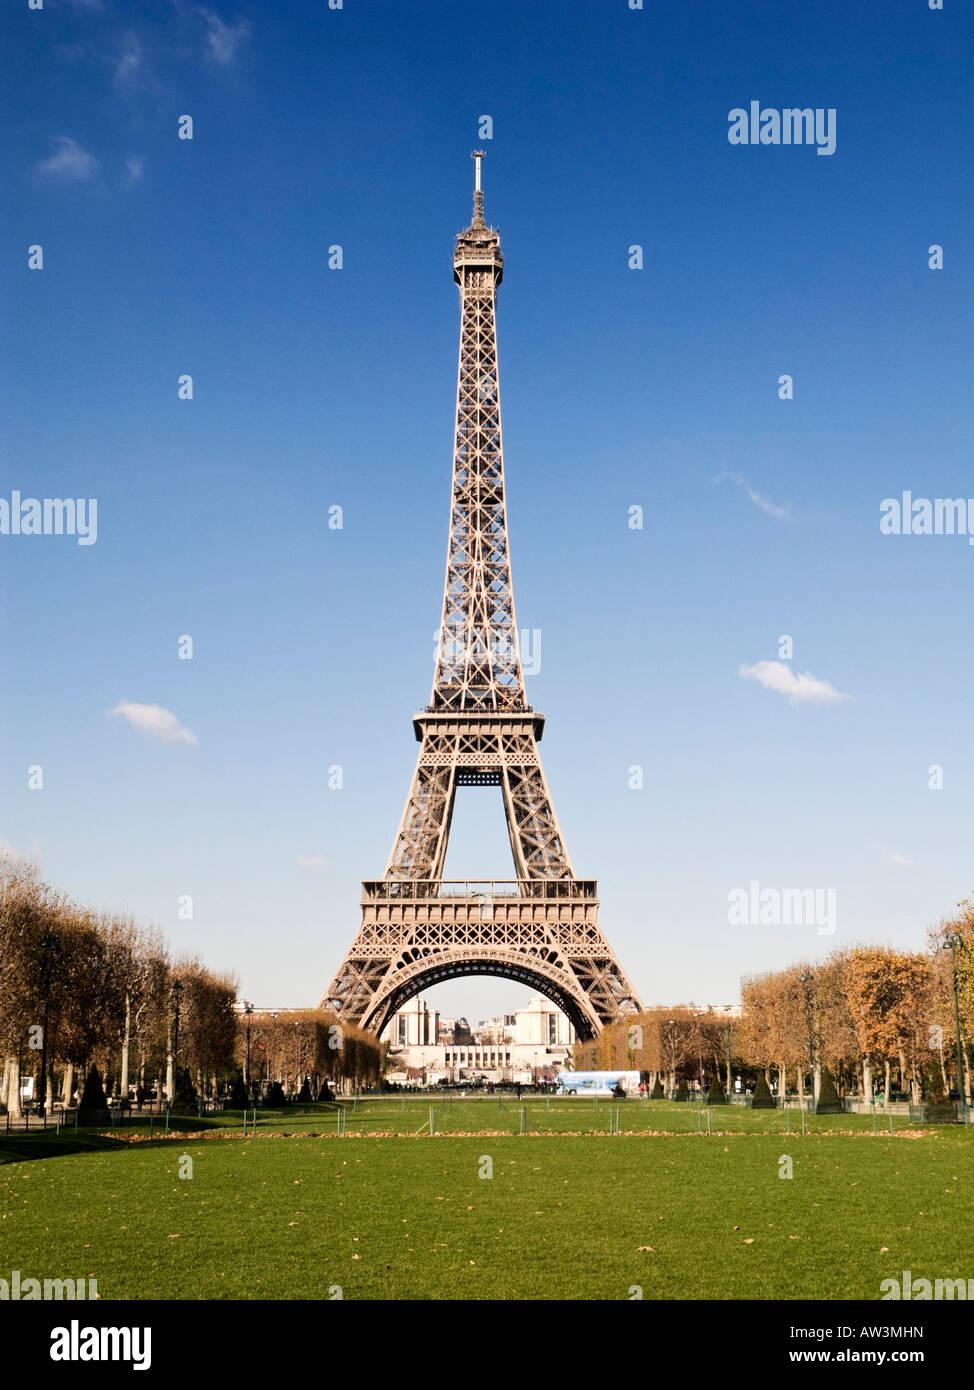 Paris, Eiffel Tower and the Parc du Champ de Mars in Autumn - Stock Image